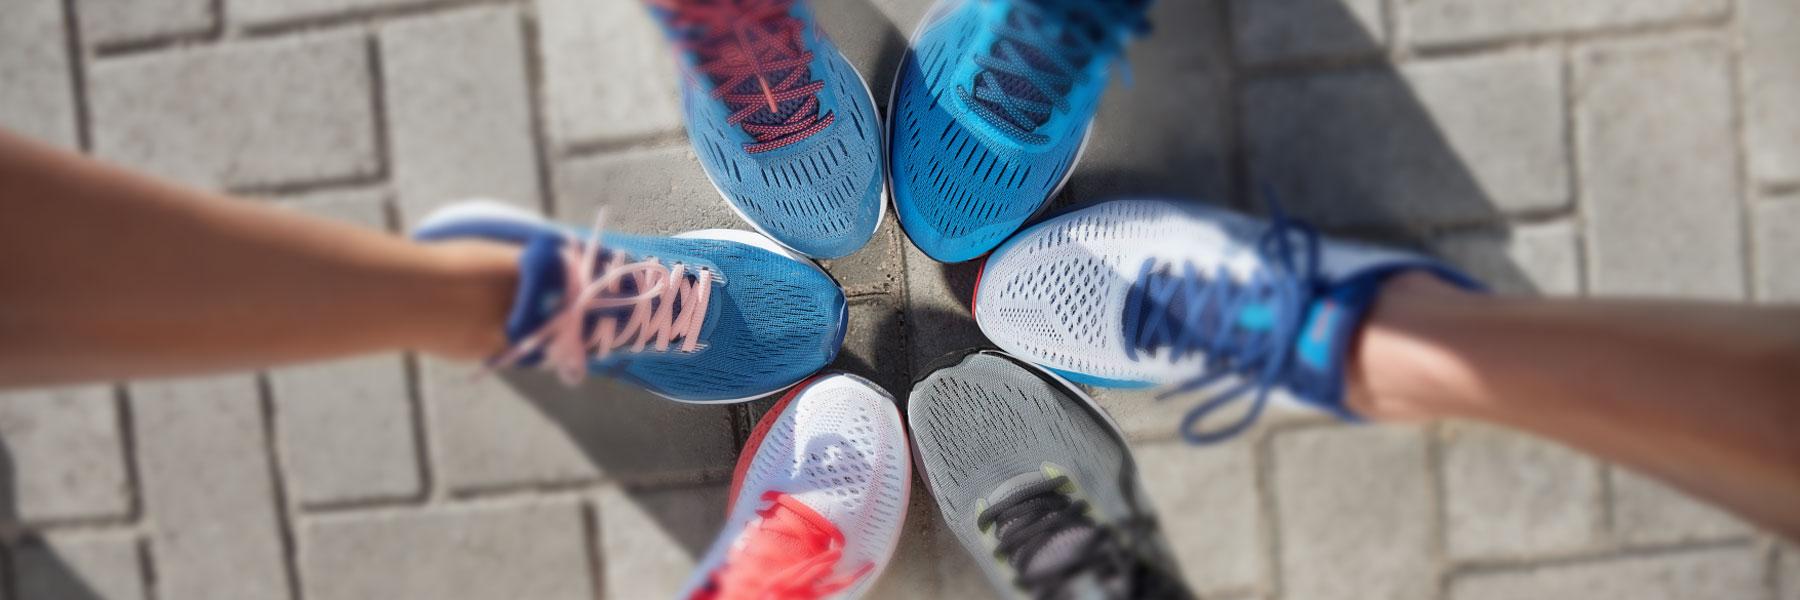 Top 10 Best Running Socks in 2020 Reviews